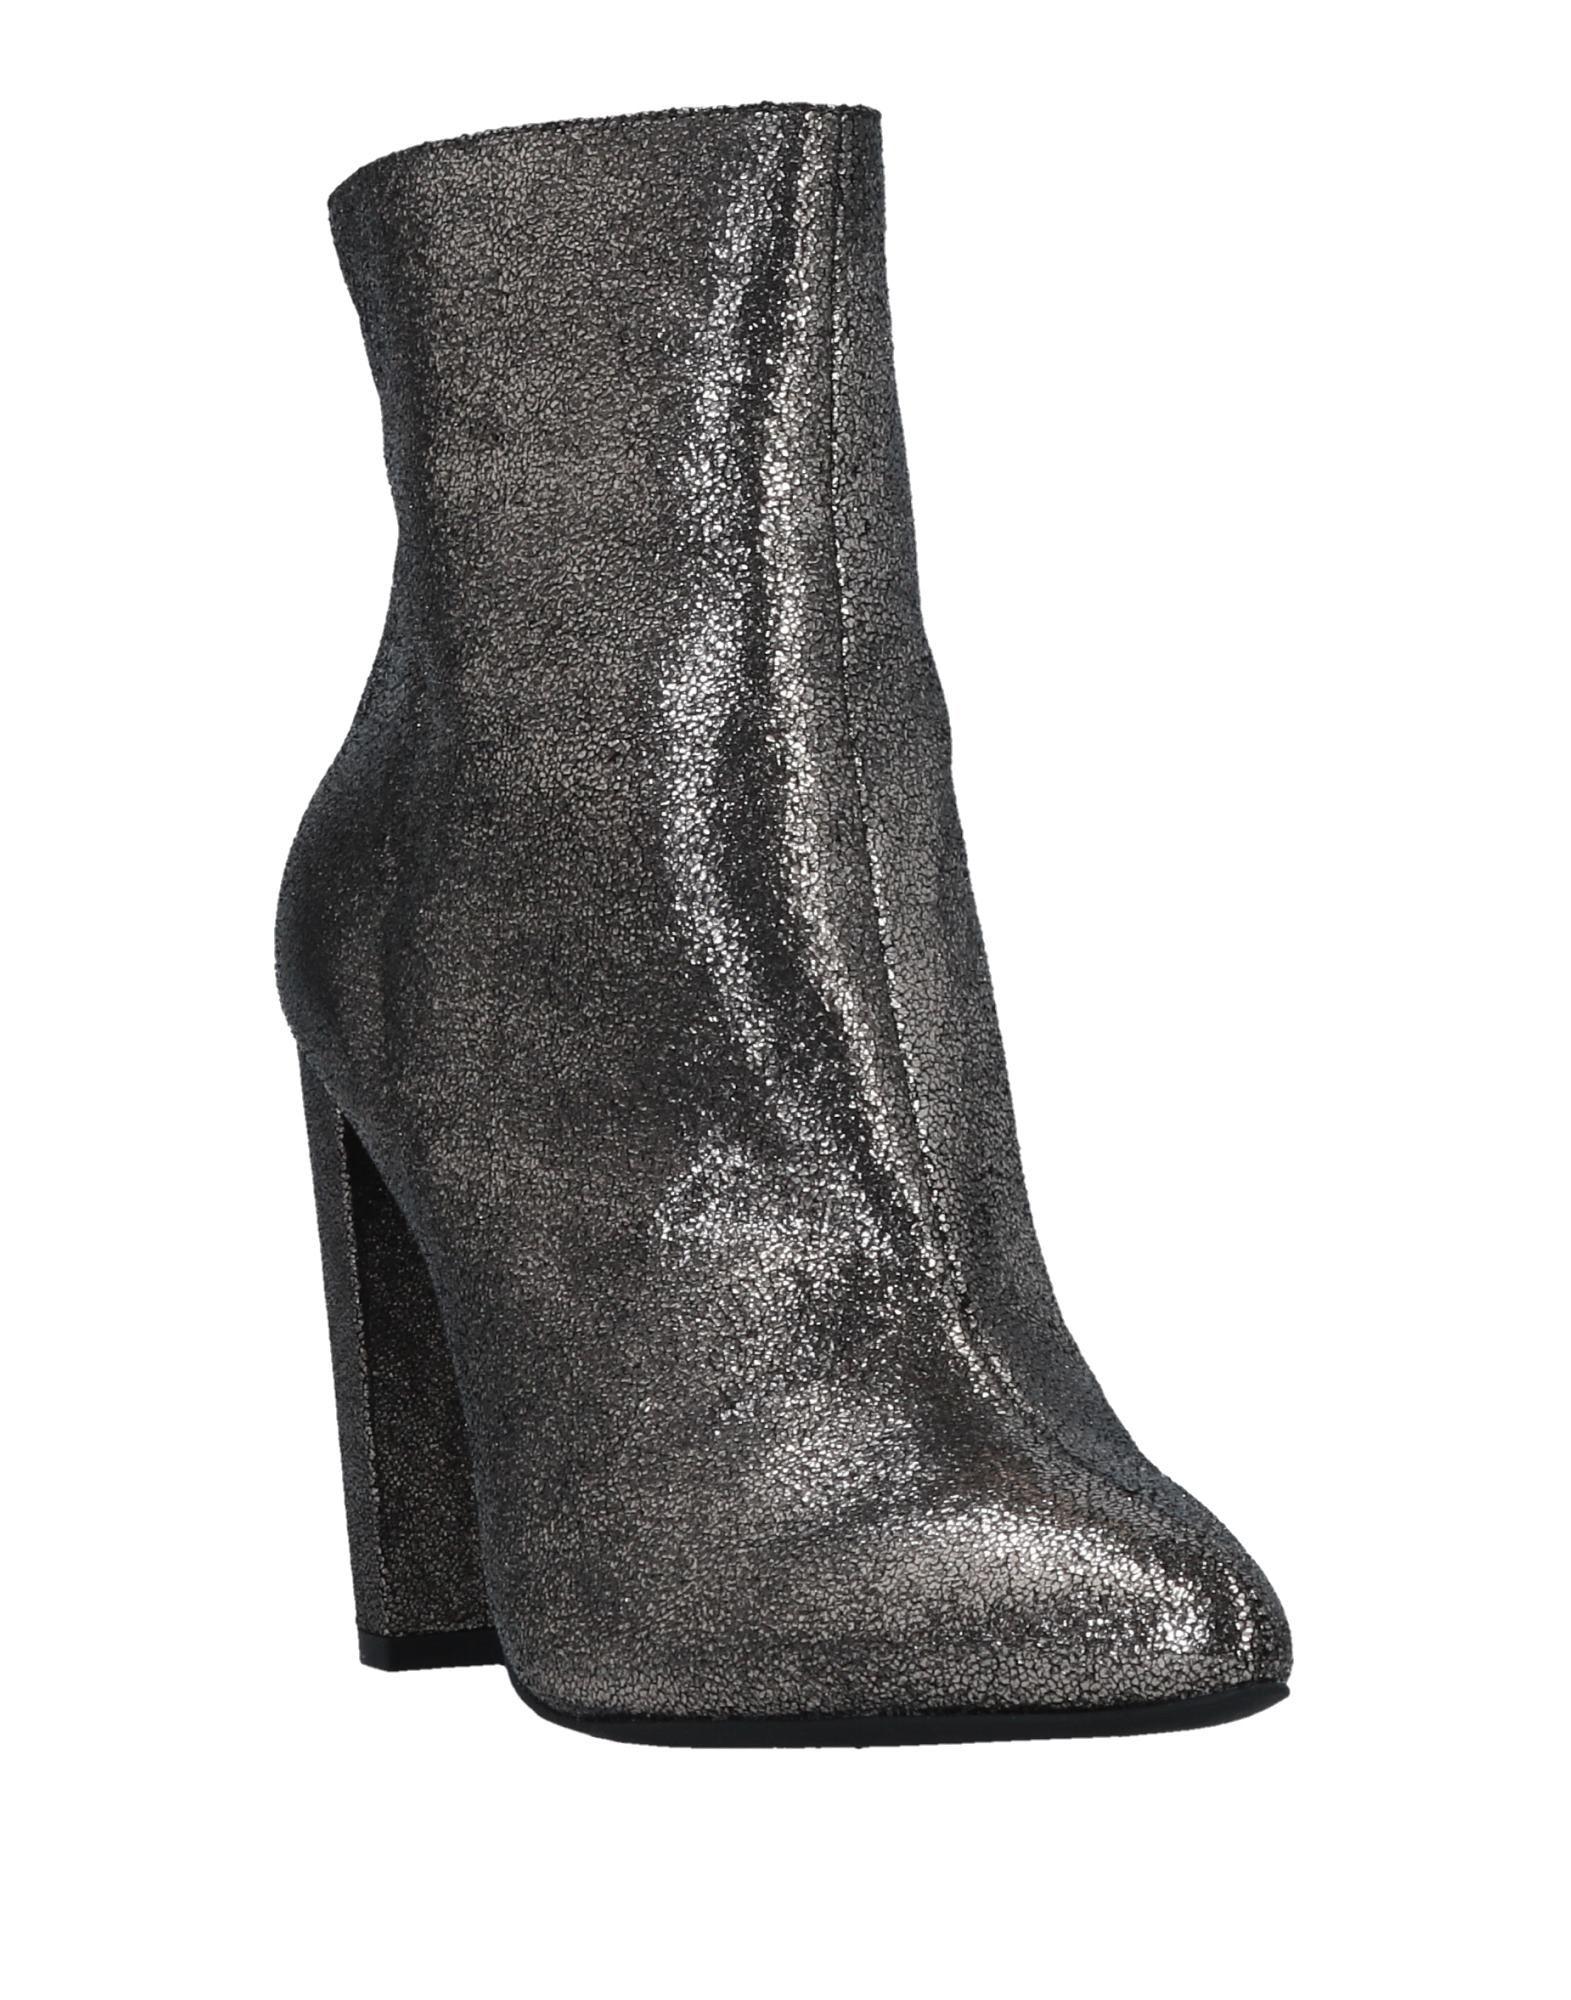 Jessica Simpson Stiefelette Gute Damen  11509645GN Gute Stiefelette Qualität beliebte Schuhe be2dcb